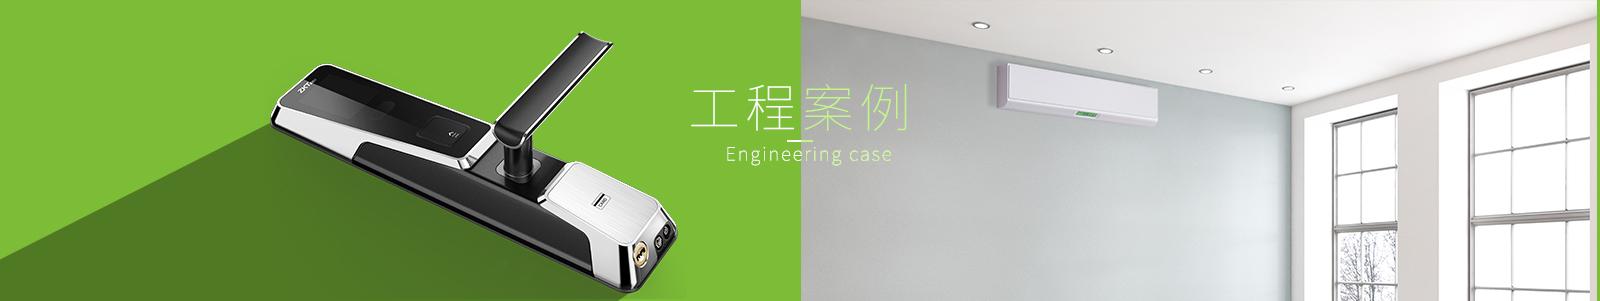 中安樂客人臉識別智能鎖專業制造商